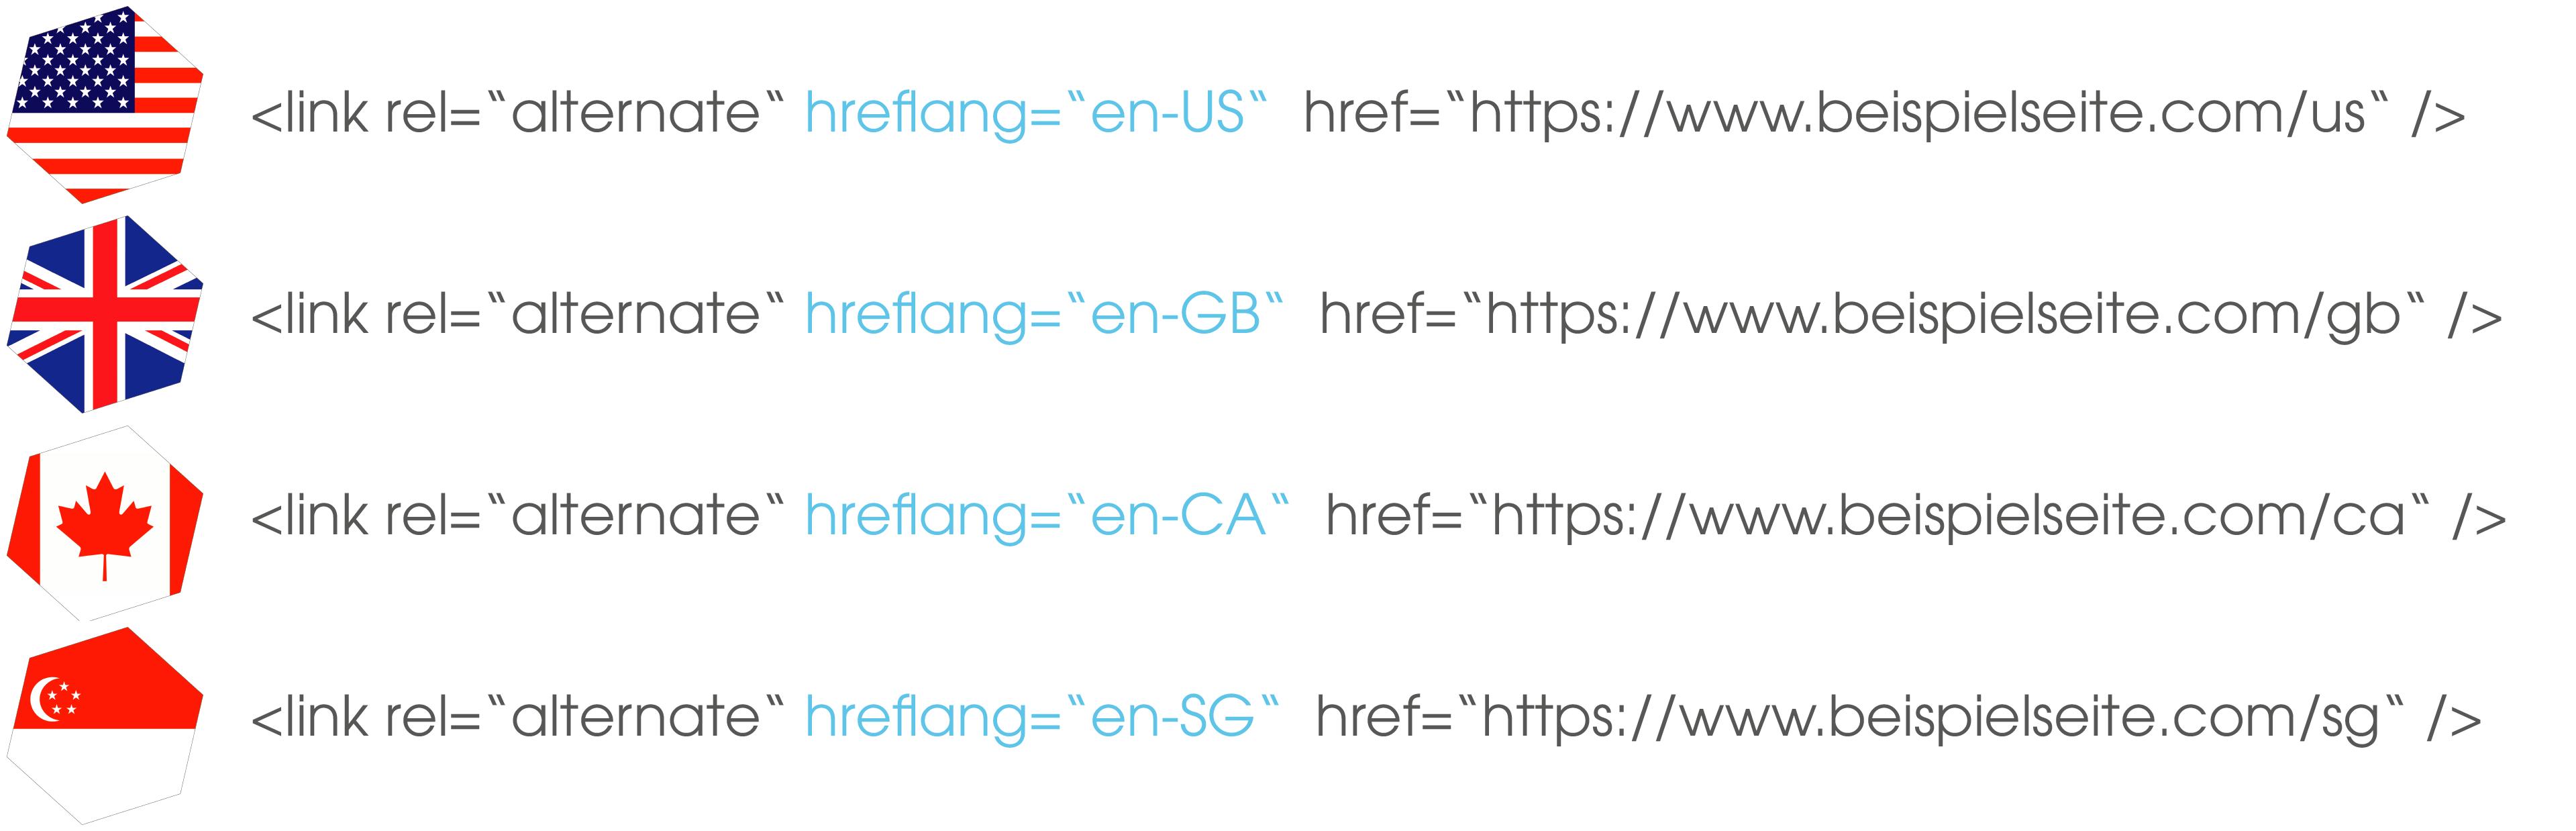 Das Bild zeigt ein Beispiel einer Website, die die gleiche Sprache (hier englisch) für verschiedene Regionen (in diesem Fall USA, Großbritannien, Kanada, Singapur) verwendet.